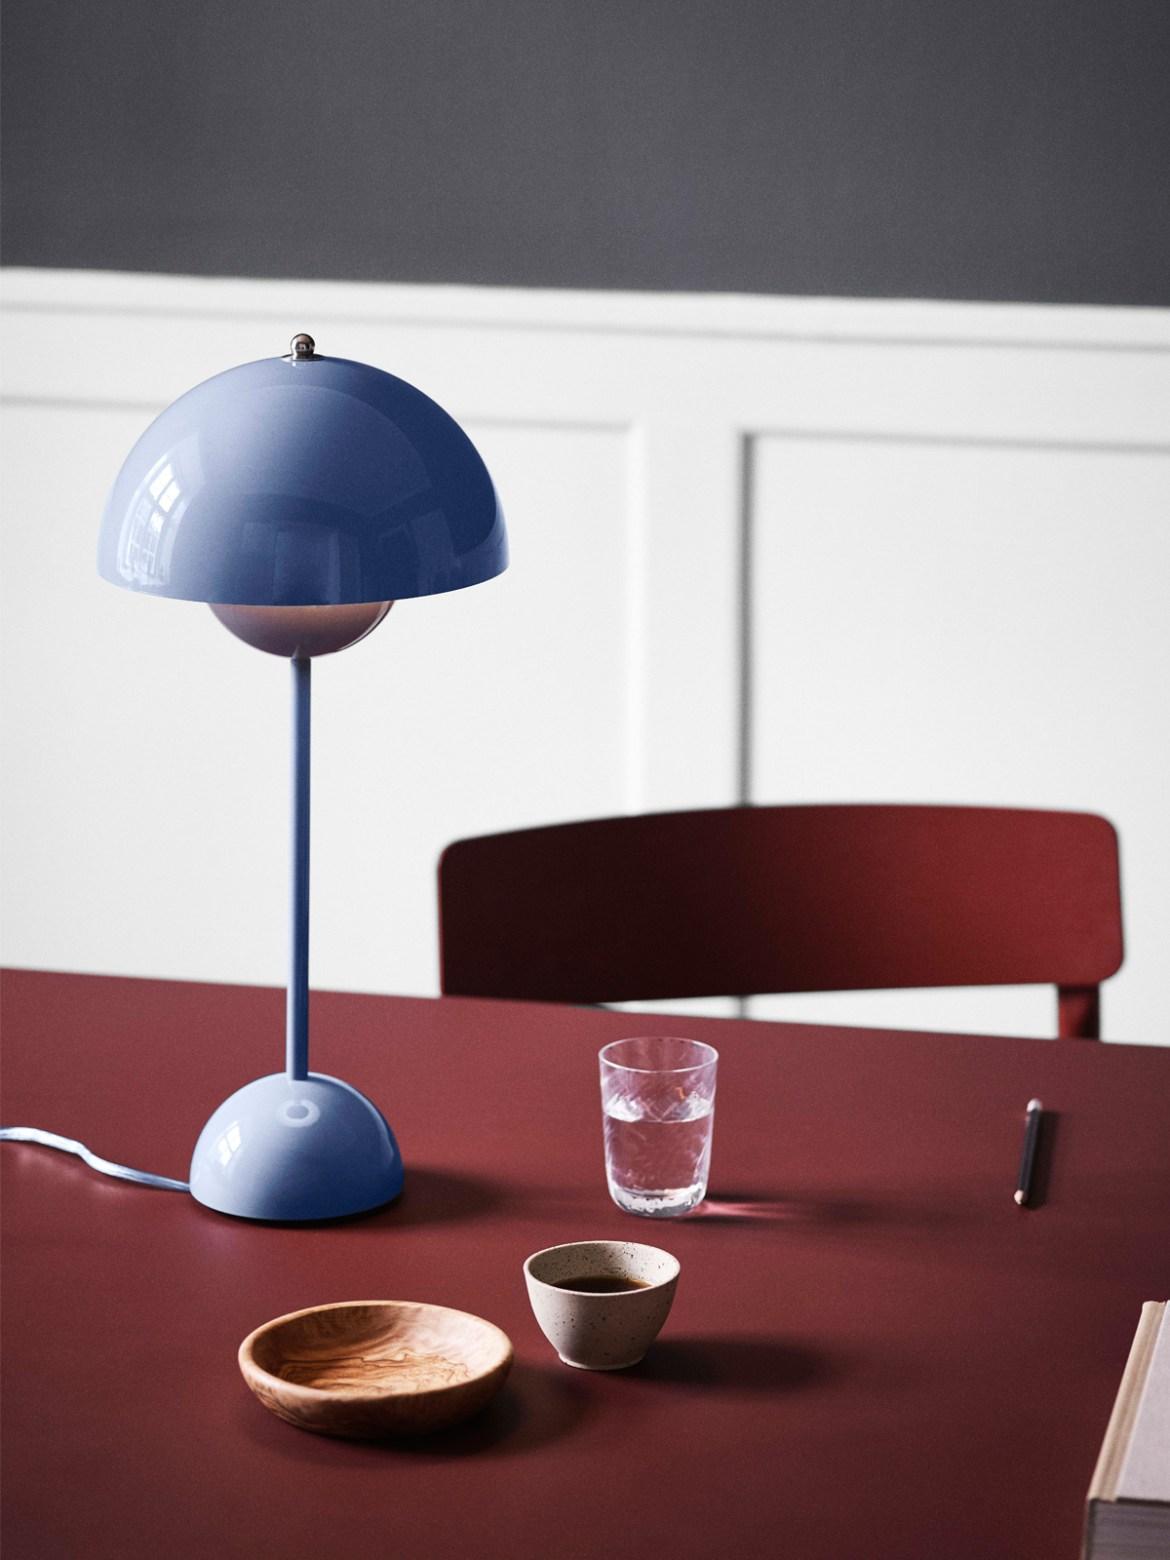 DesignOrt Blog: Blaue Lampe Tischlampe Flowerpot VP 3 Blau neue Farbe &tradition